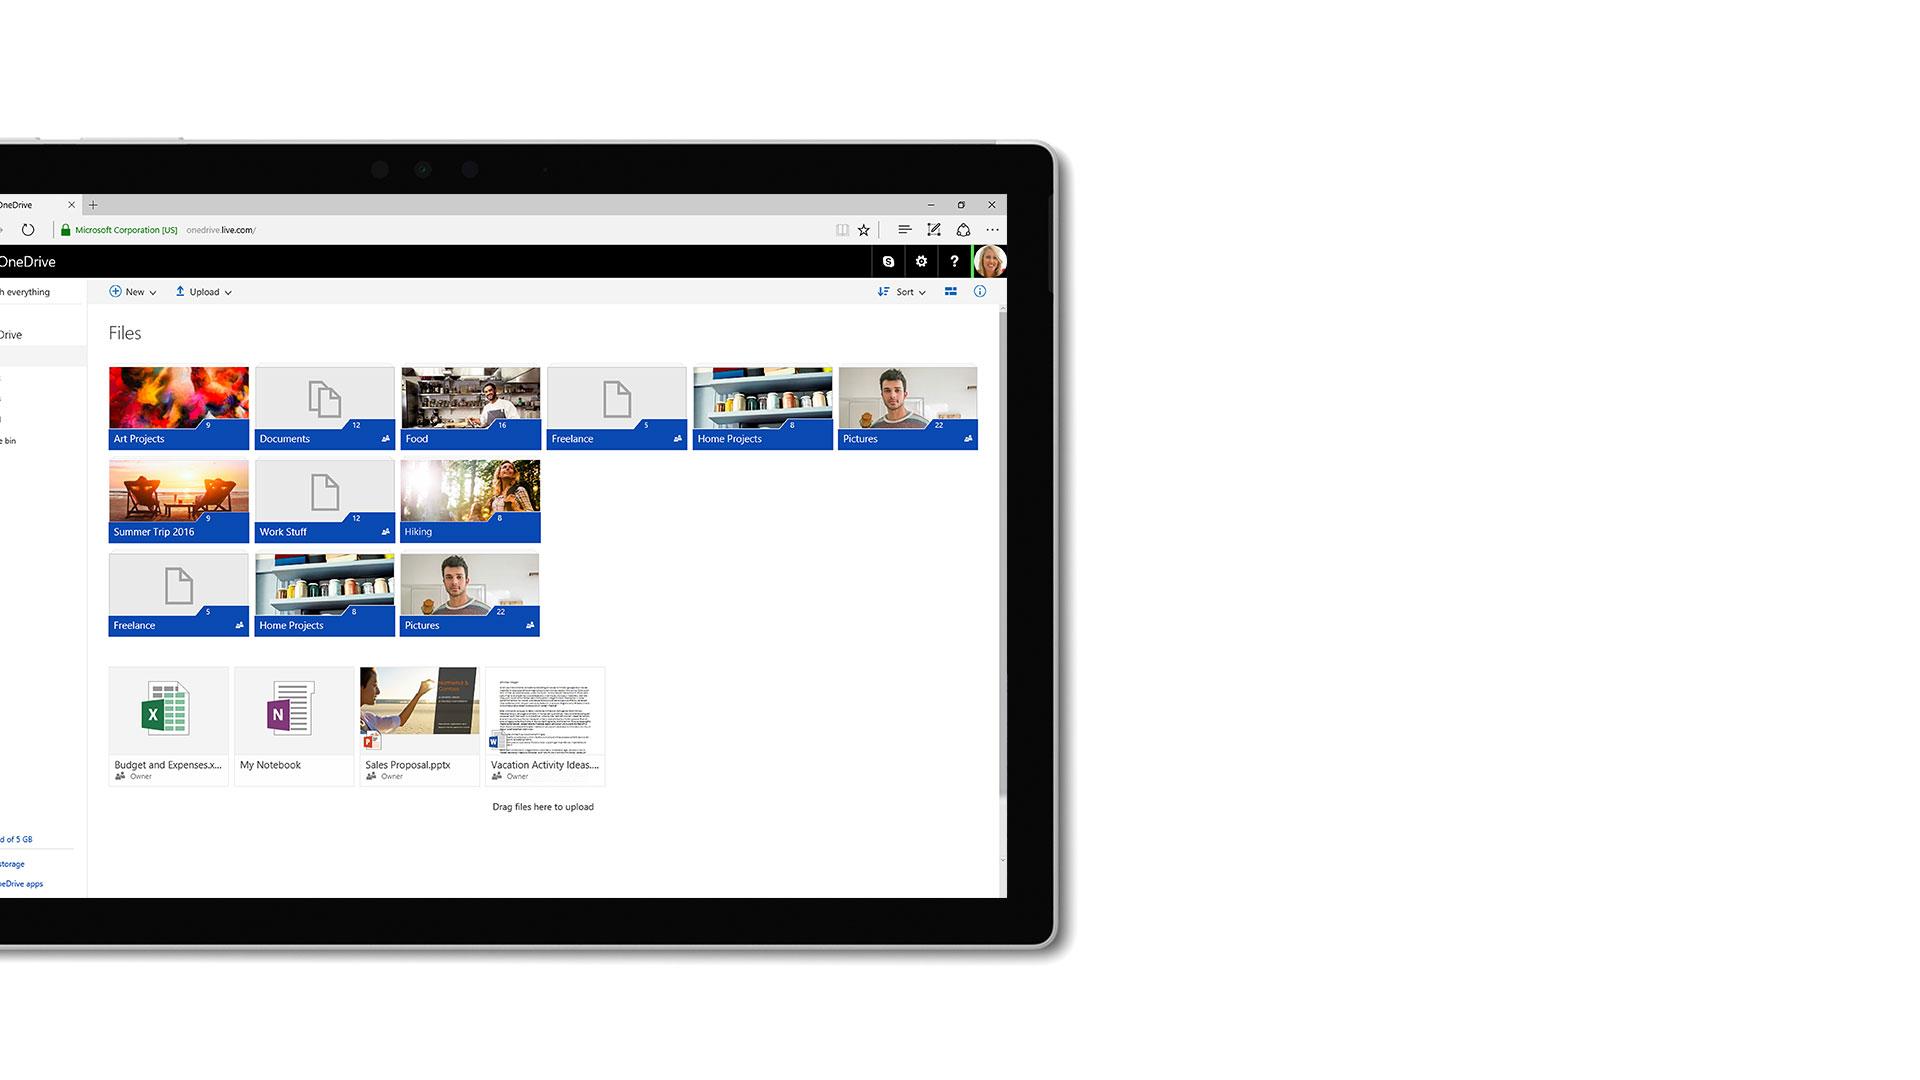 Immagine dell'interfaccia utente di Microsoft OneDrive